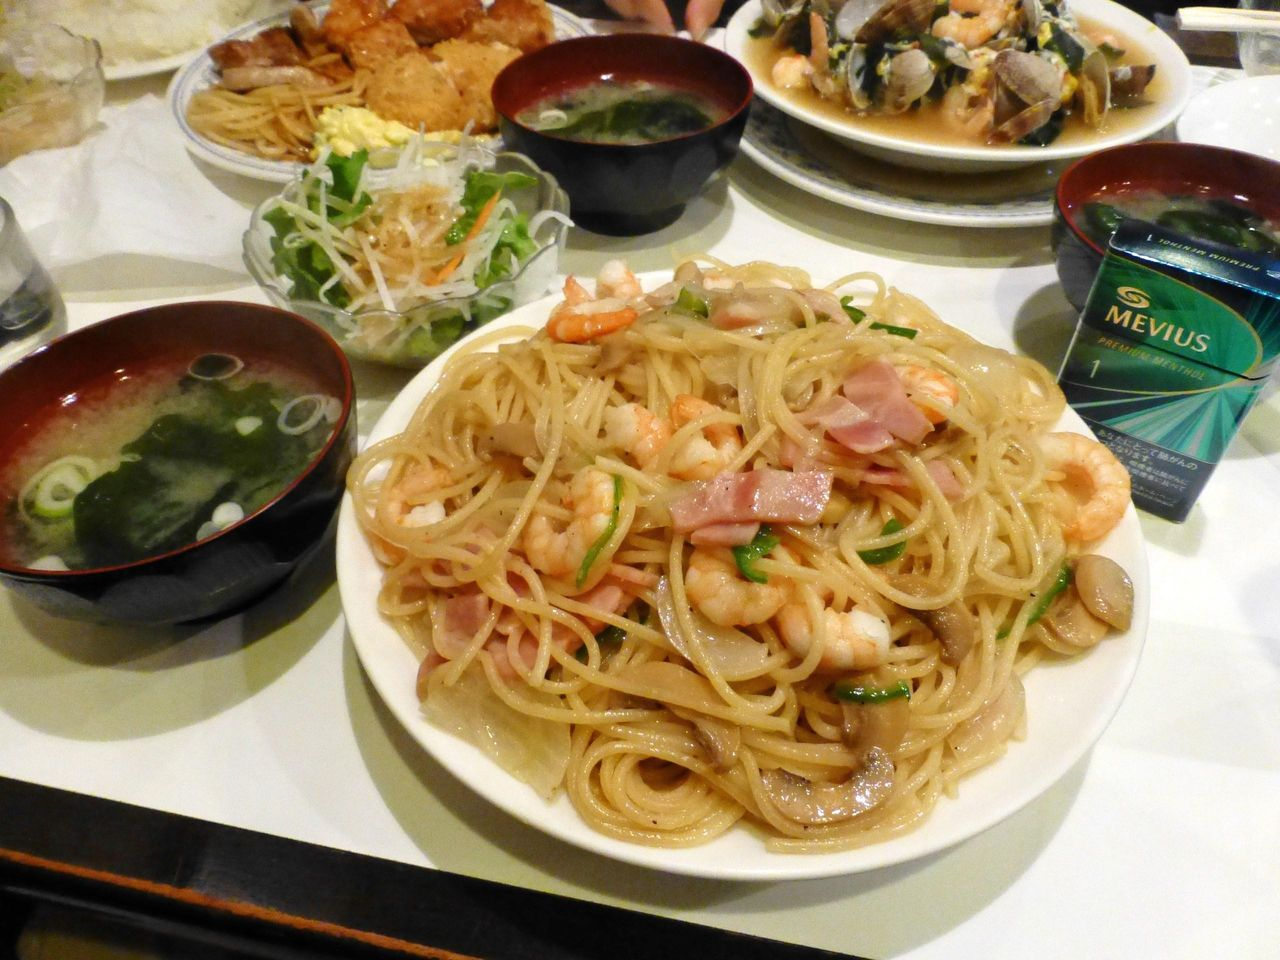 塩スパ大盛780円は、サラダ、みそ汁も付いて、ボリューム満点!